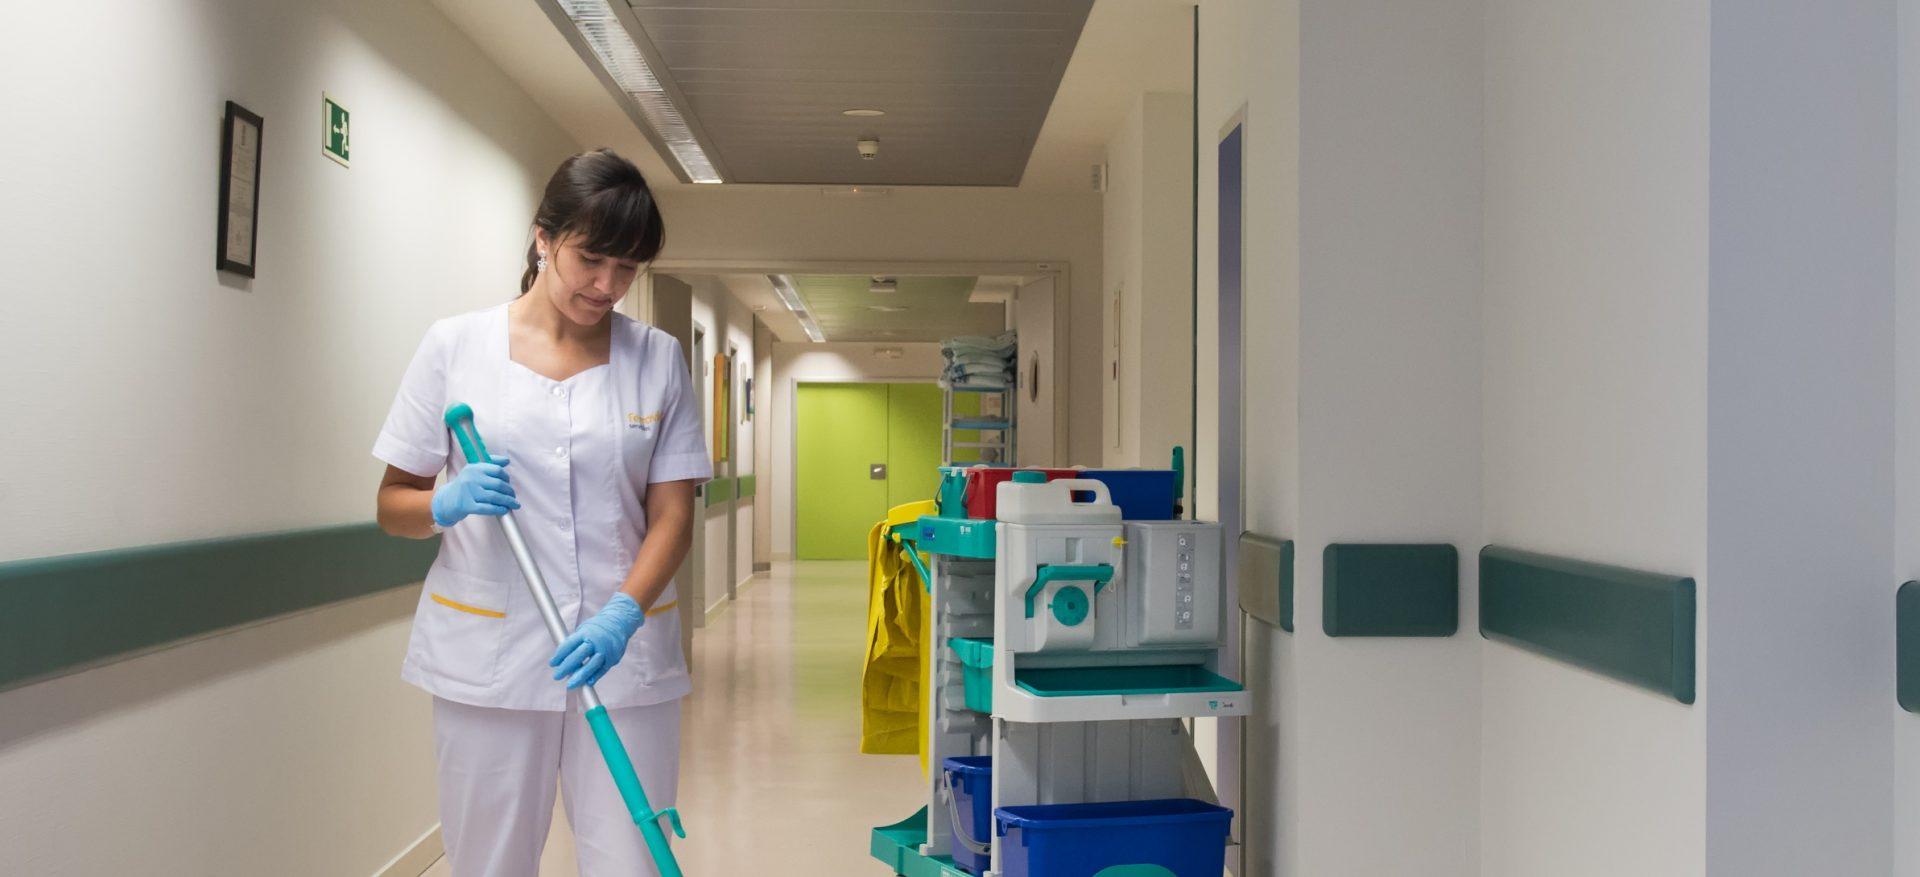 contratos de mantenimiento en portugal limpieza hospital